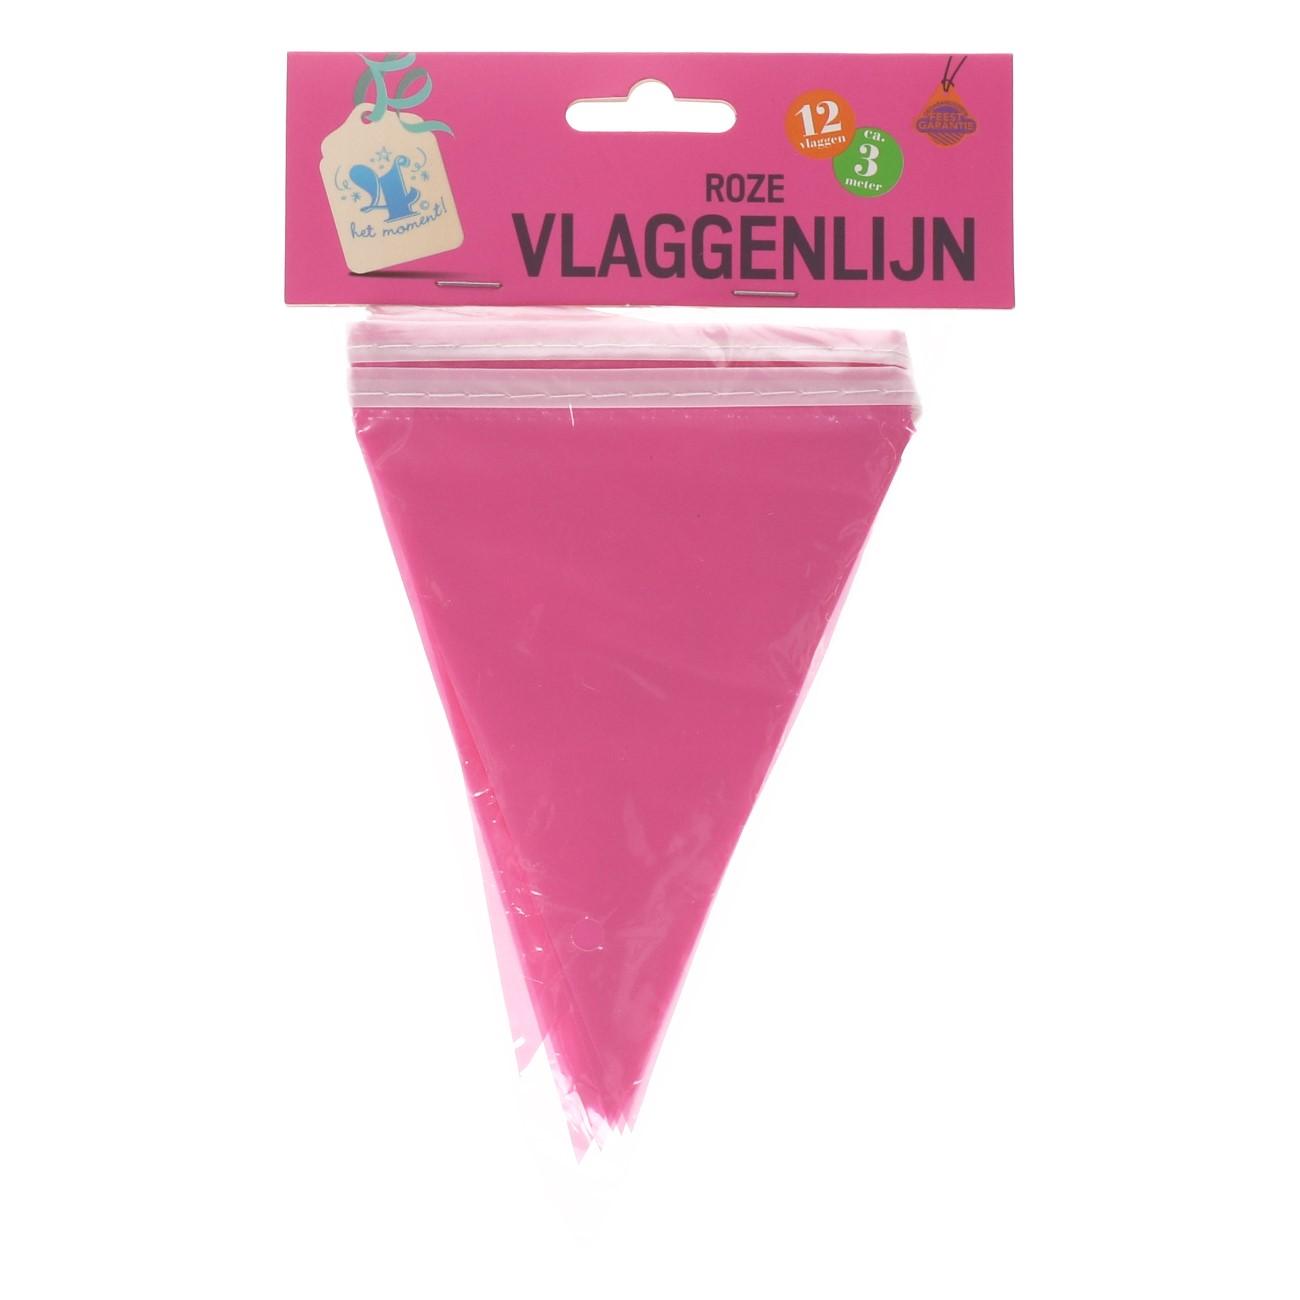 Vlaggenlijn roze 12 vlaggen ca.3m